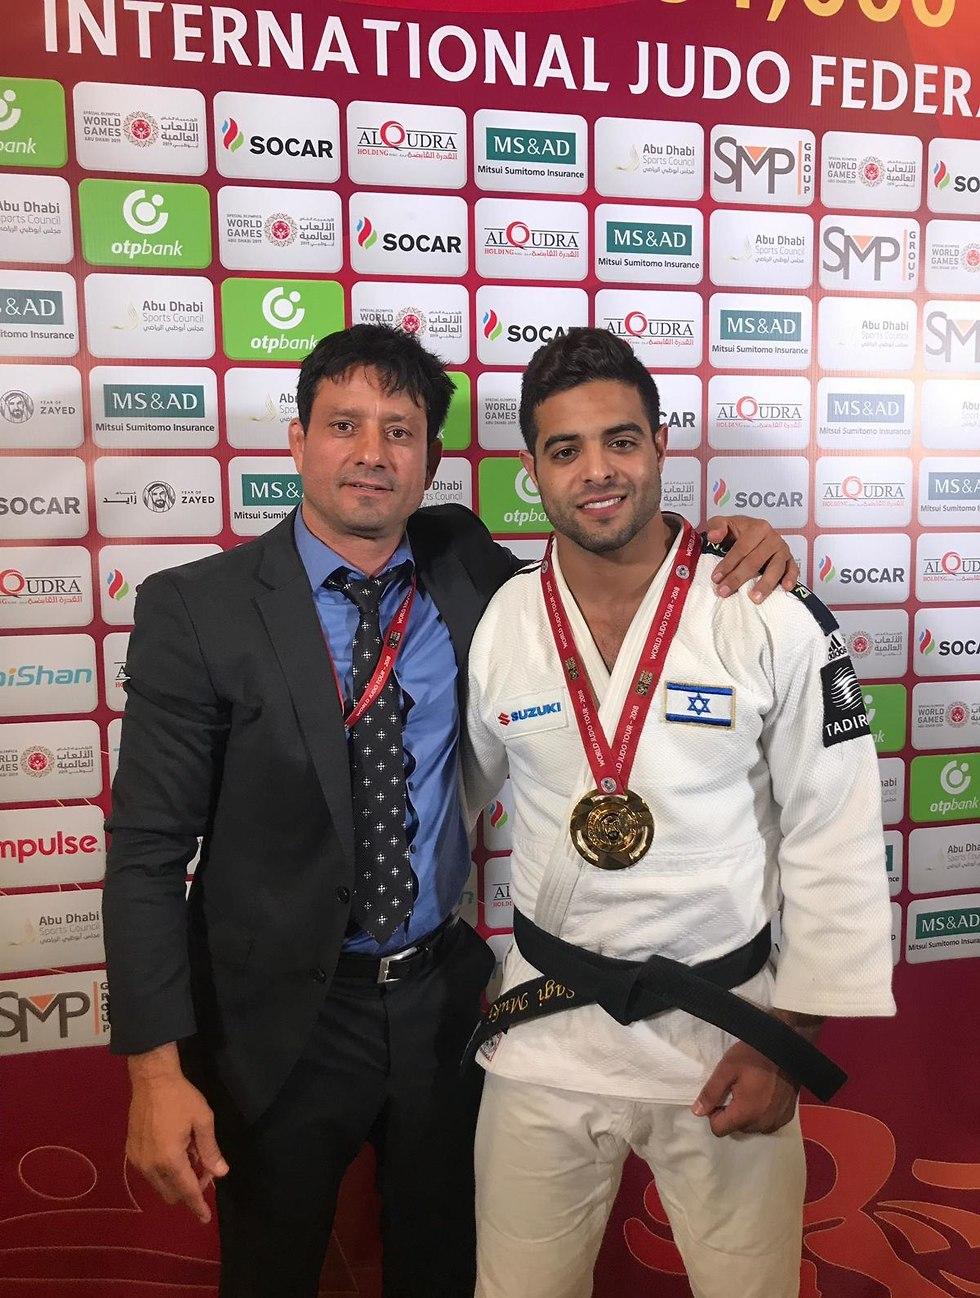 Саги и его тренер. Фото: федерация дзюдо